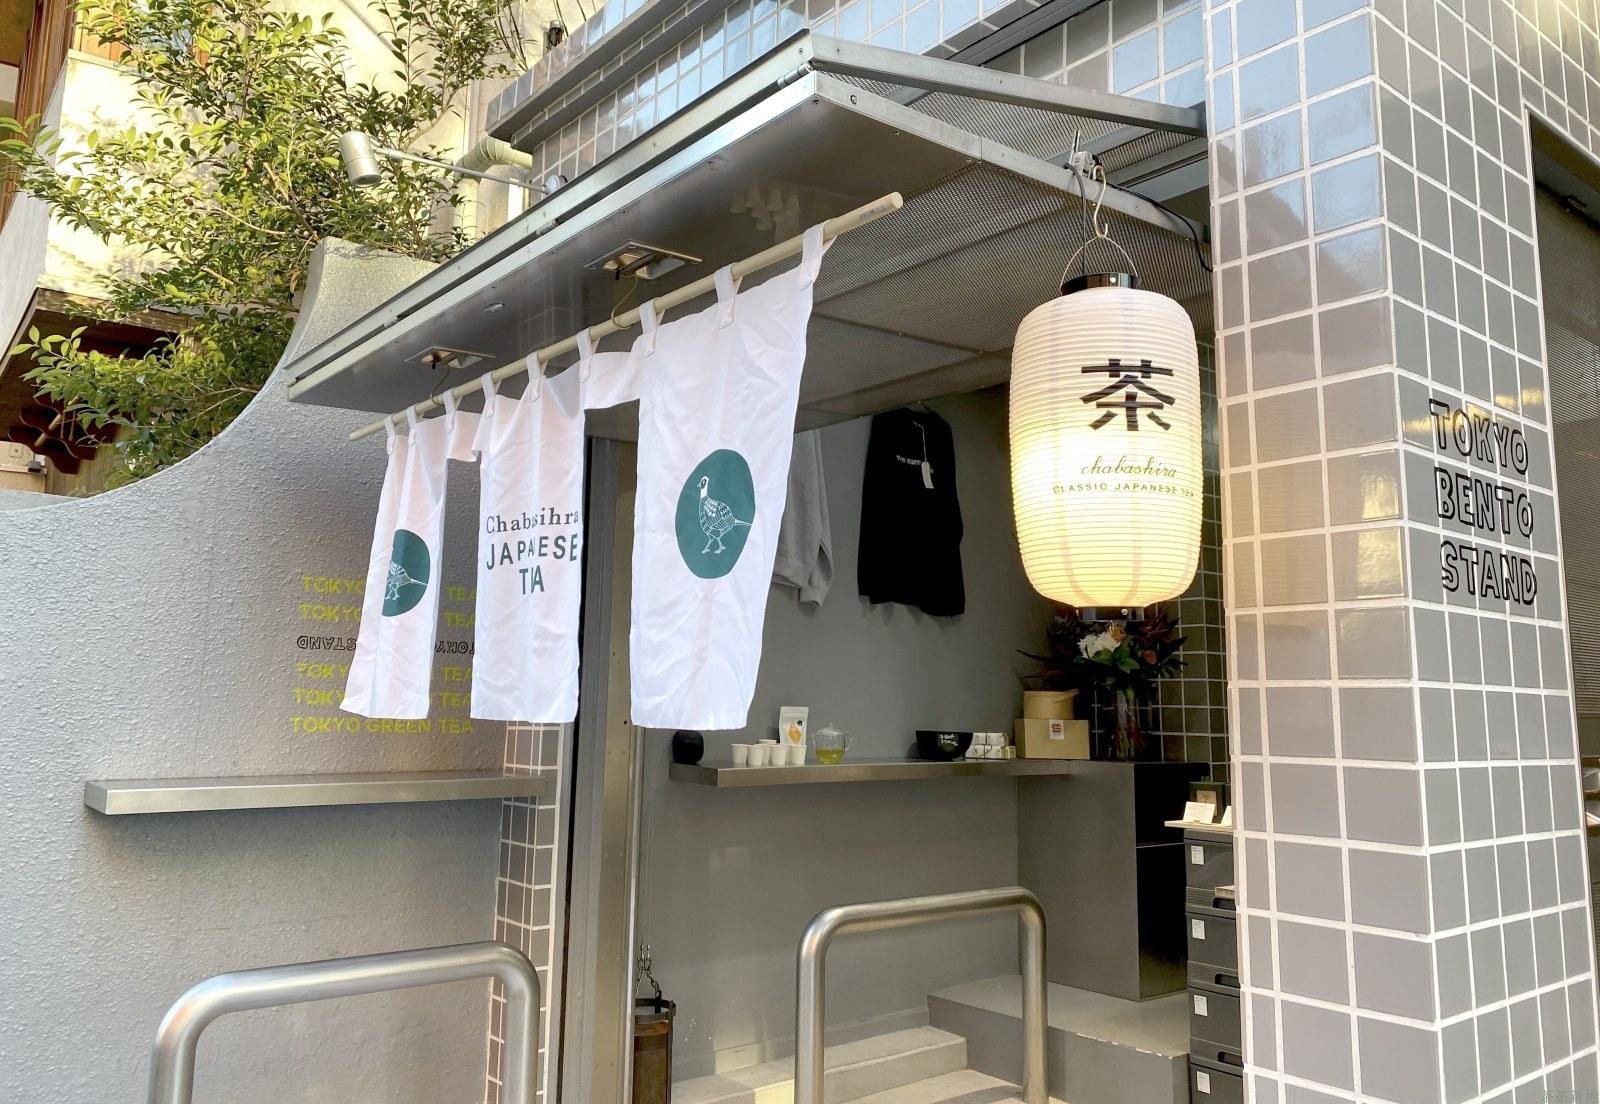 ワインじゃないの紫蘇なの〜Chabashira JAPANESE TEA〜_c0404636_23523028.jpg